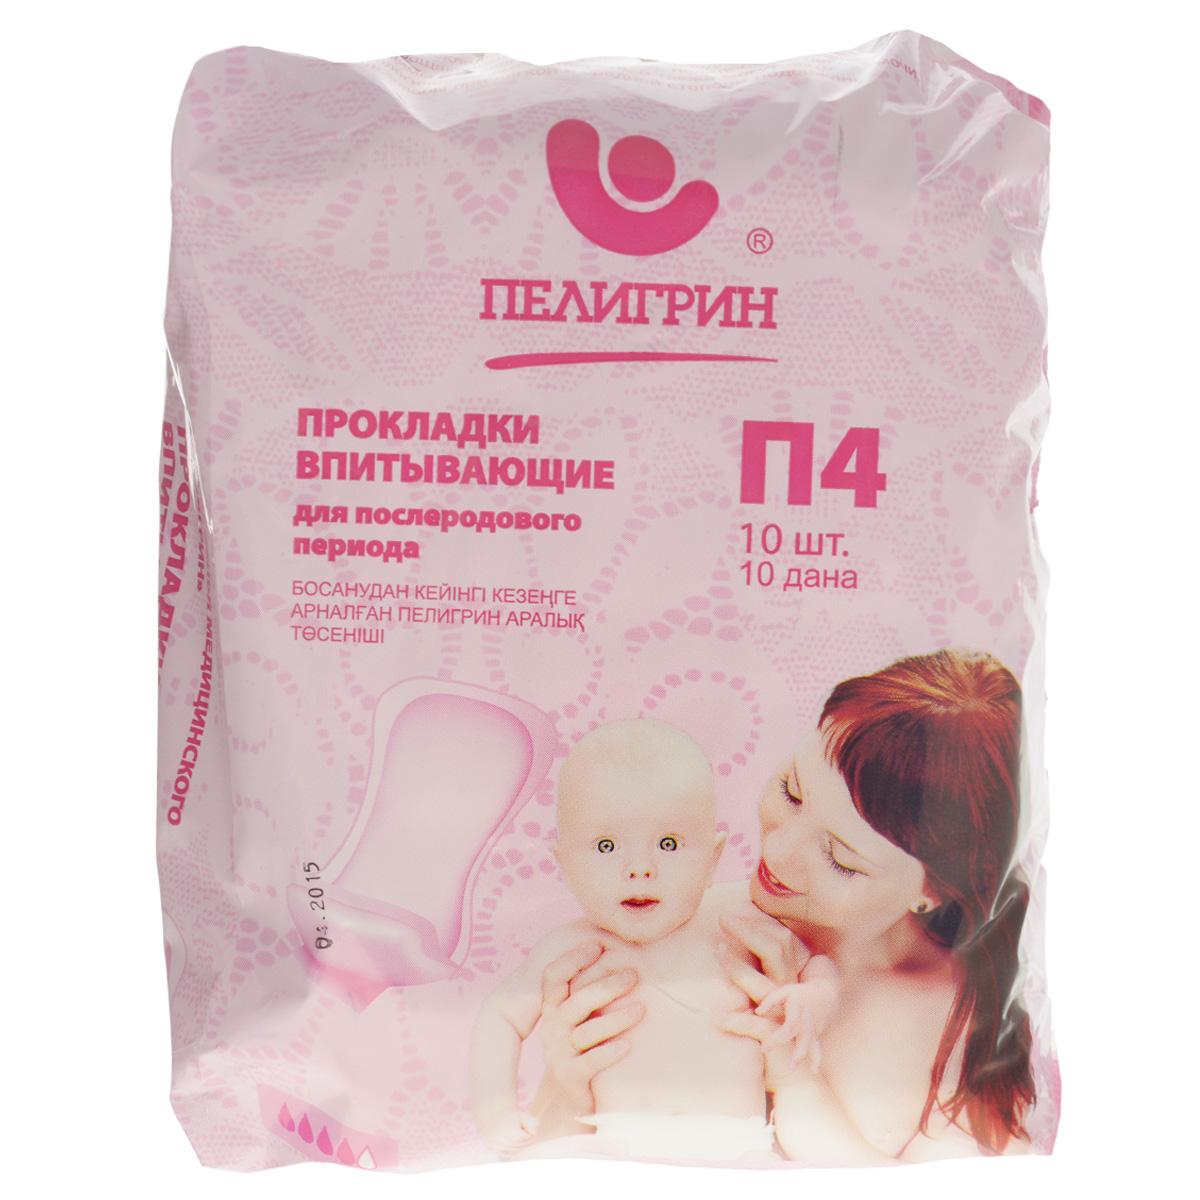 Впитывающие послеродовые прокладки Пелигрин, 10 штSatin Hair 7 BR730MNУдобные гигиенические прокладки Пелигрин подходят для использования в послеродовой период. Боковые резинки отлично предотвращают протекание. Такие прокладки понадобятся вам после гинекологических вмешательств, а также при легкой и средней степени недержания мочи.В комплекте 10 прокладок.